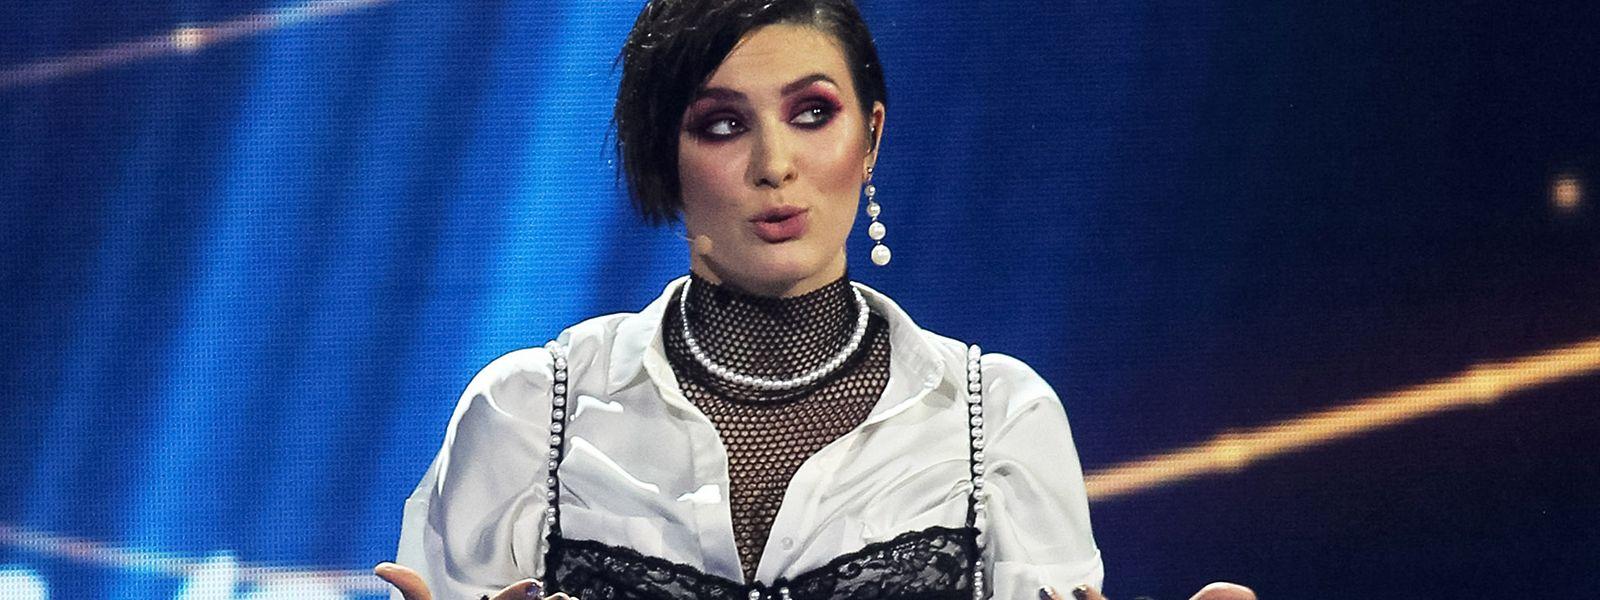 Maruv, Sängerin und Teilnehmerin am Eurovision Song Contest (ESC) für die Ukraine, spricht nach ihrem Auftritt beim nationalen Vorentscheid.